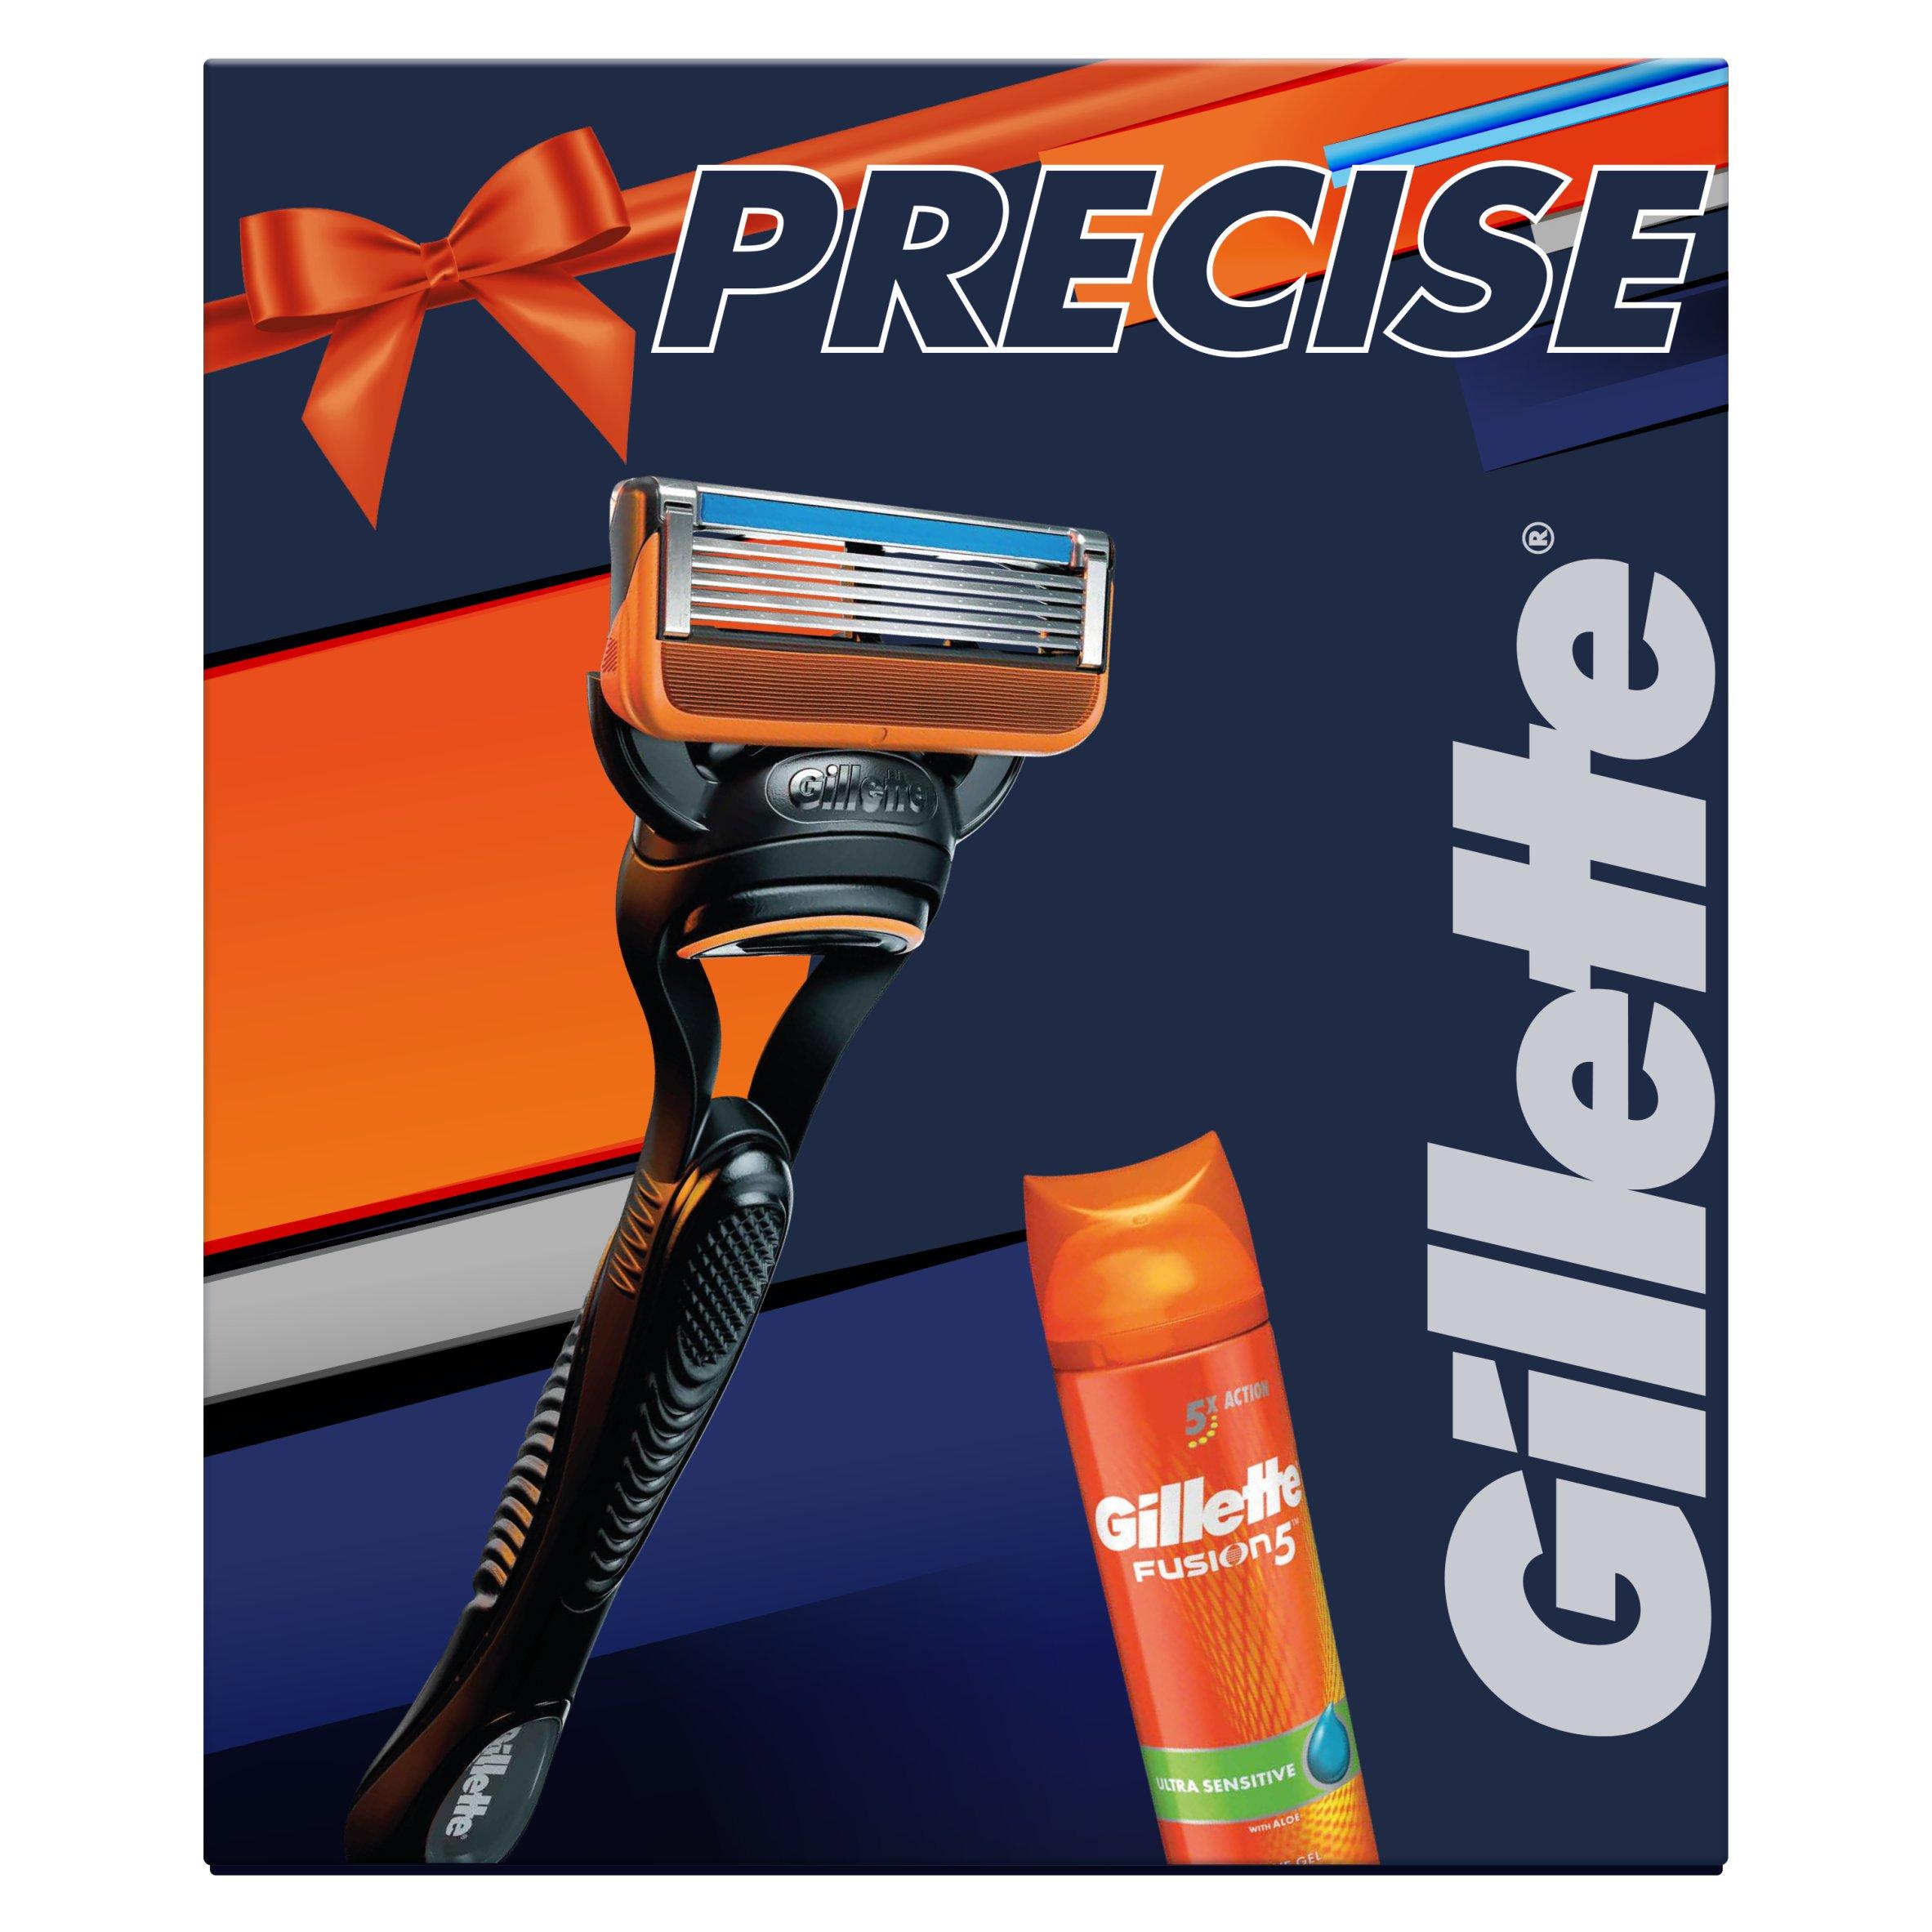 Gillette Fusion 5 Precise Gift Set